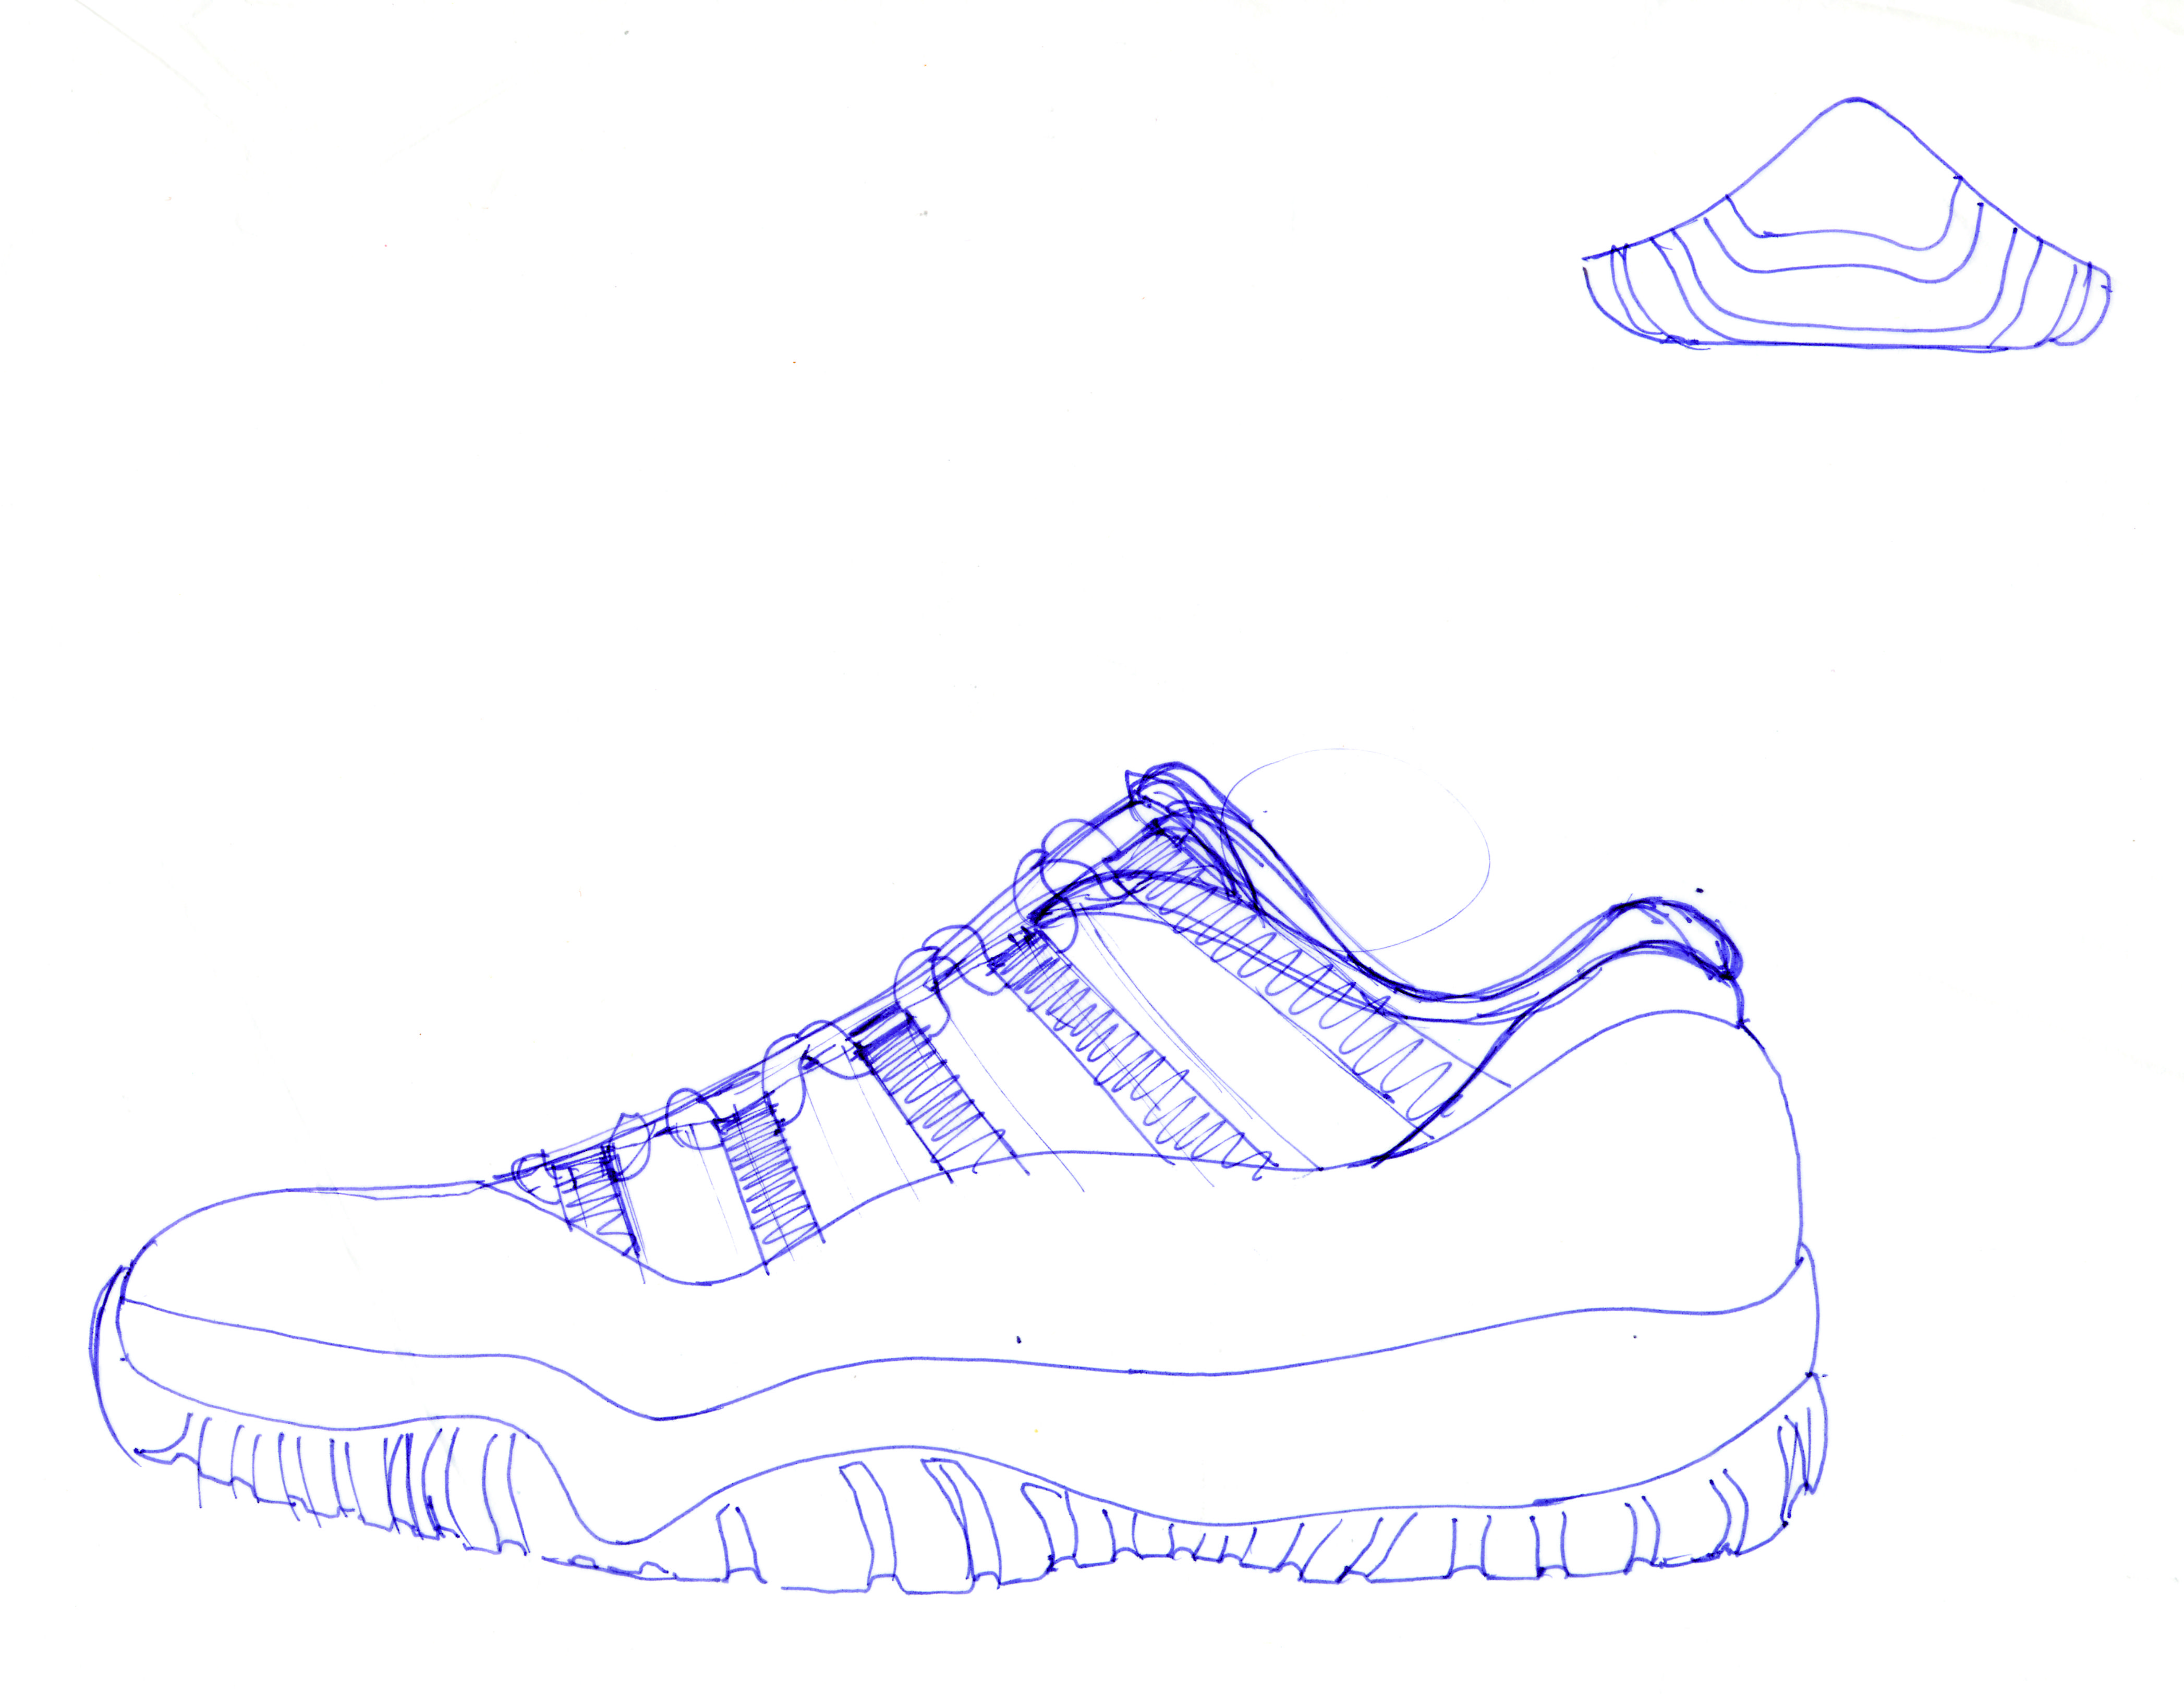 Air Jordan 8 Sketch Templates